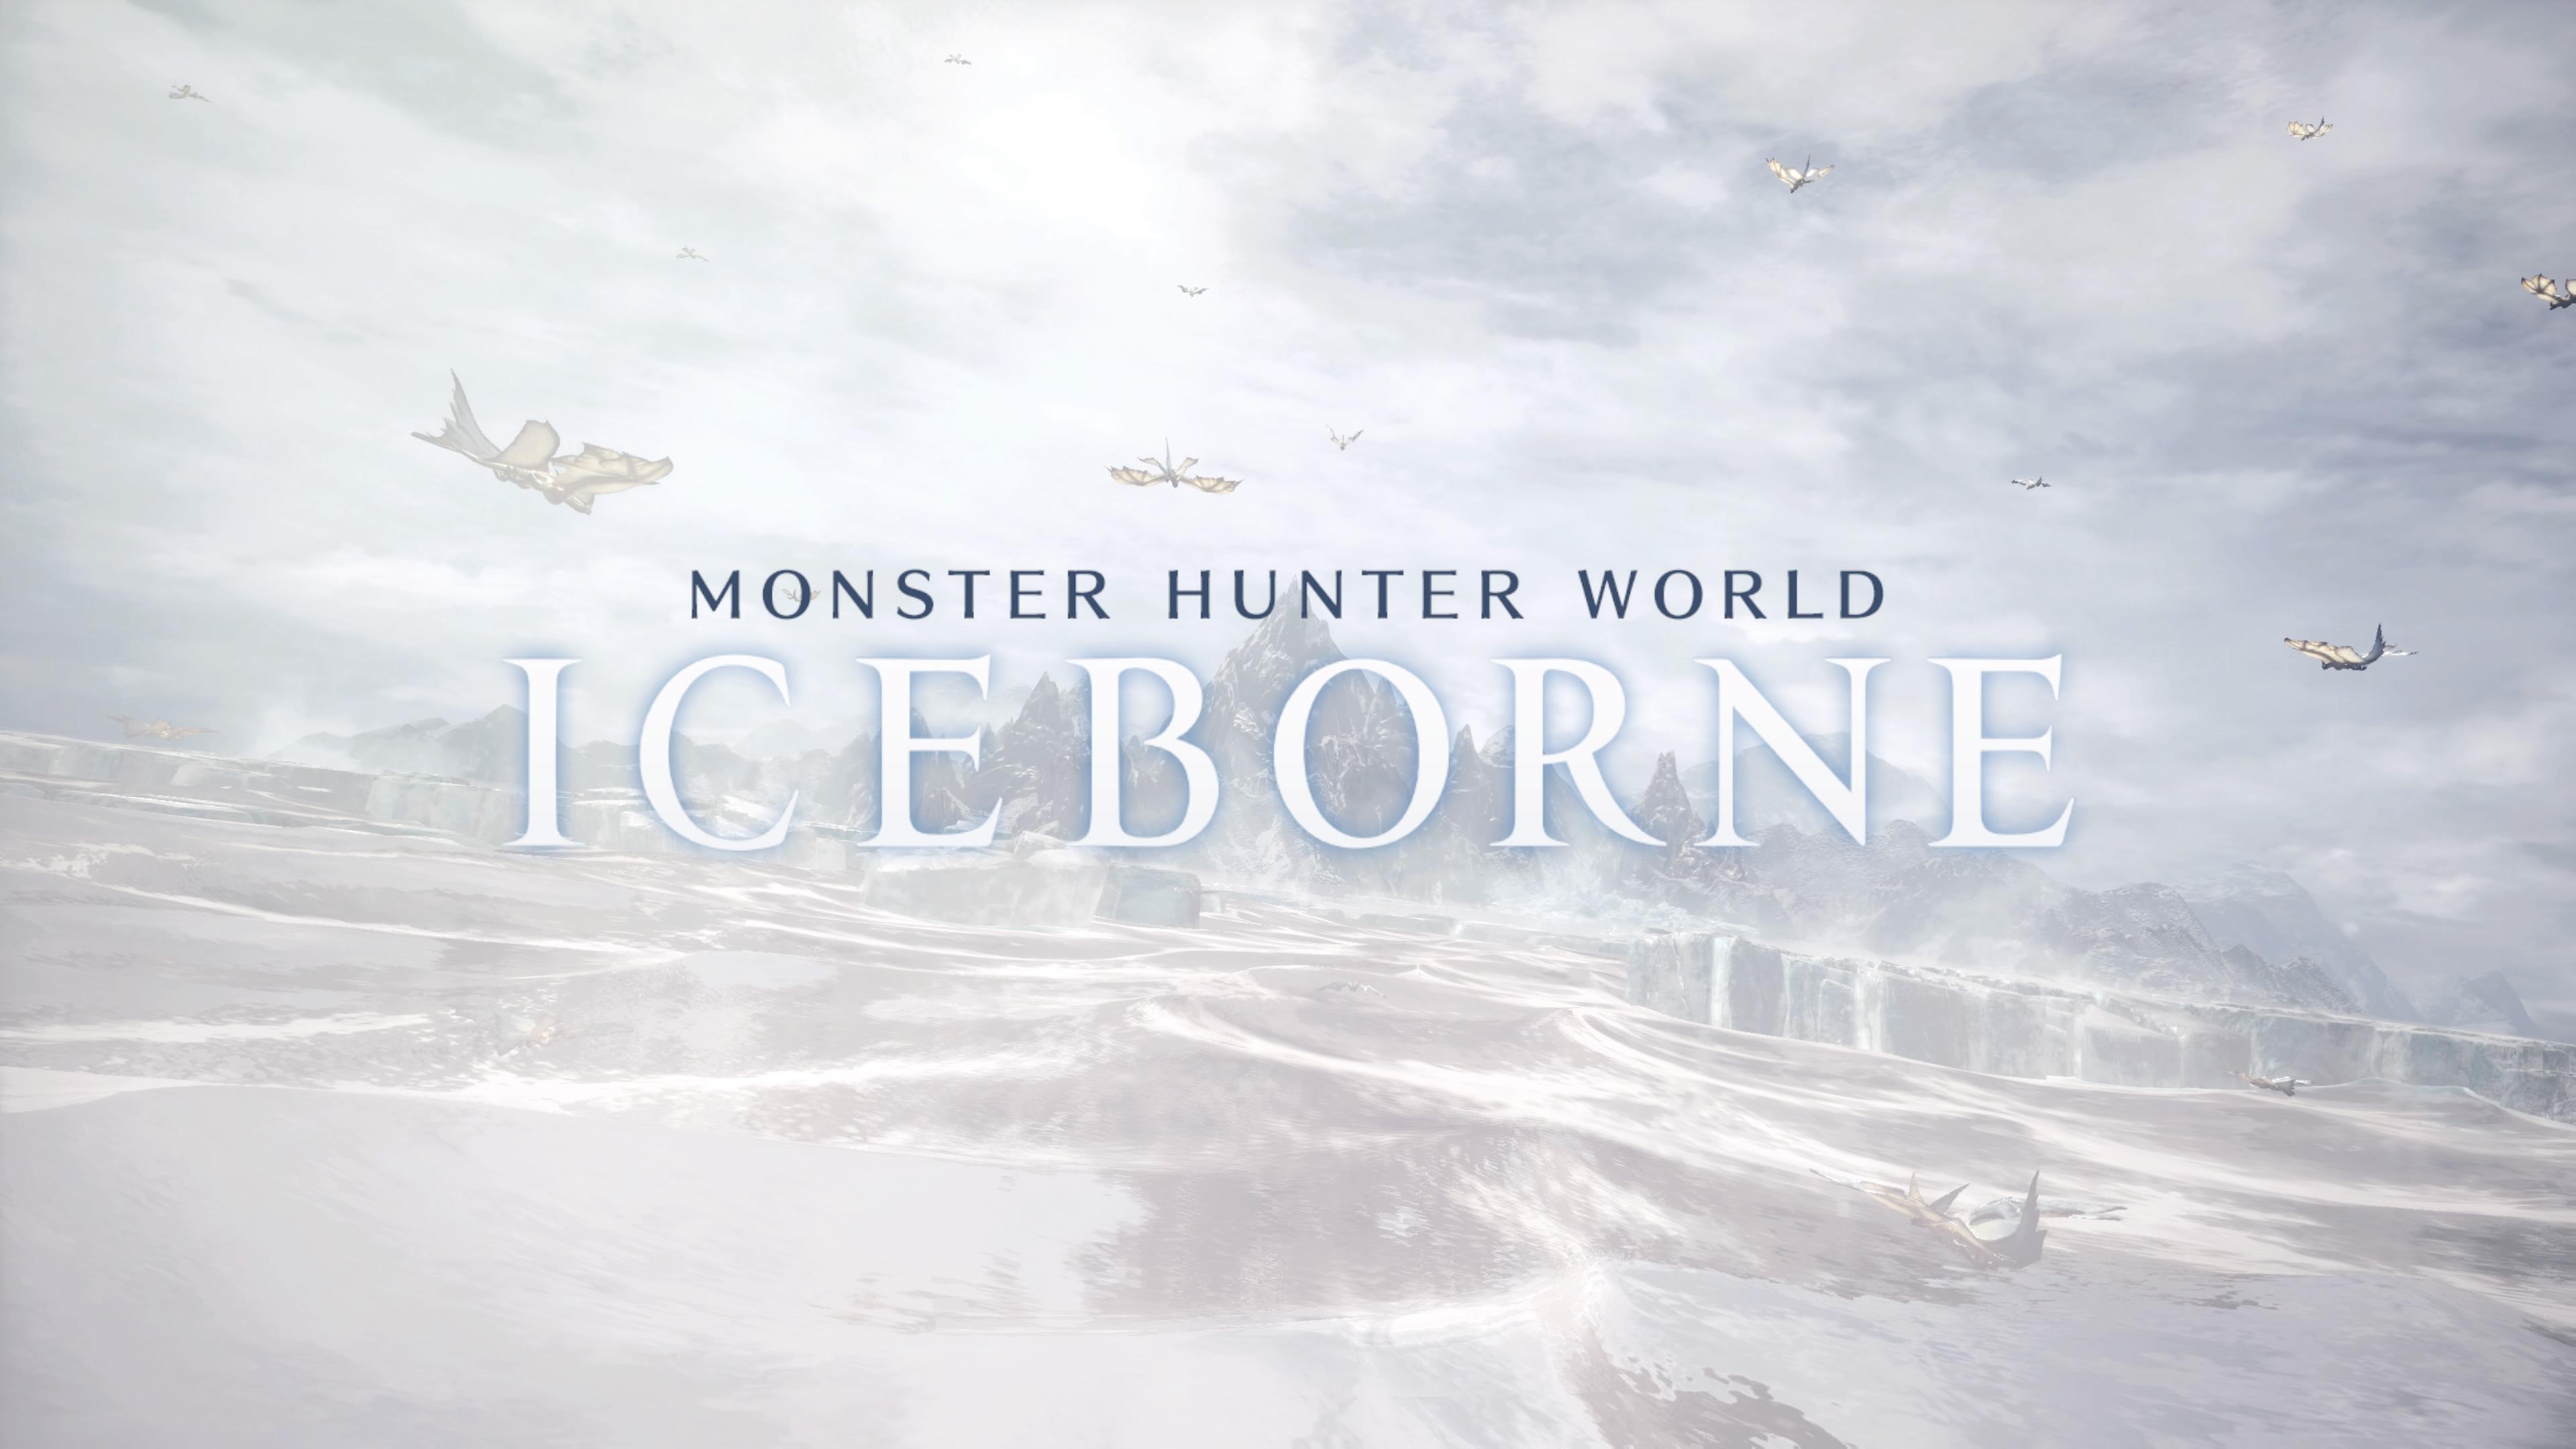 怪物猎人世界 Iceborne